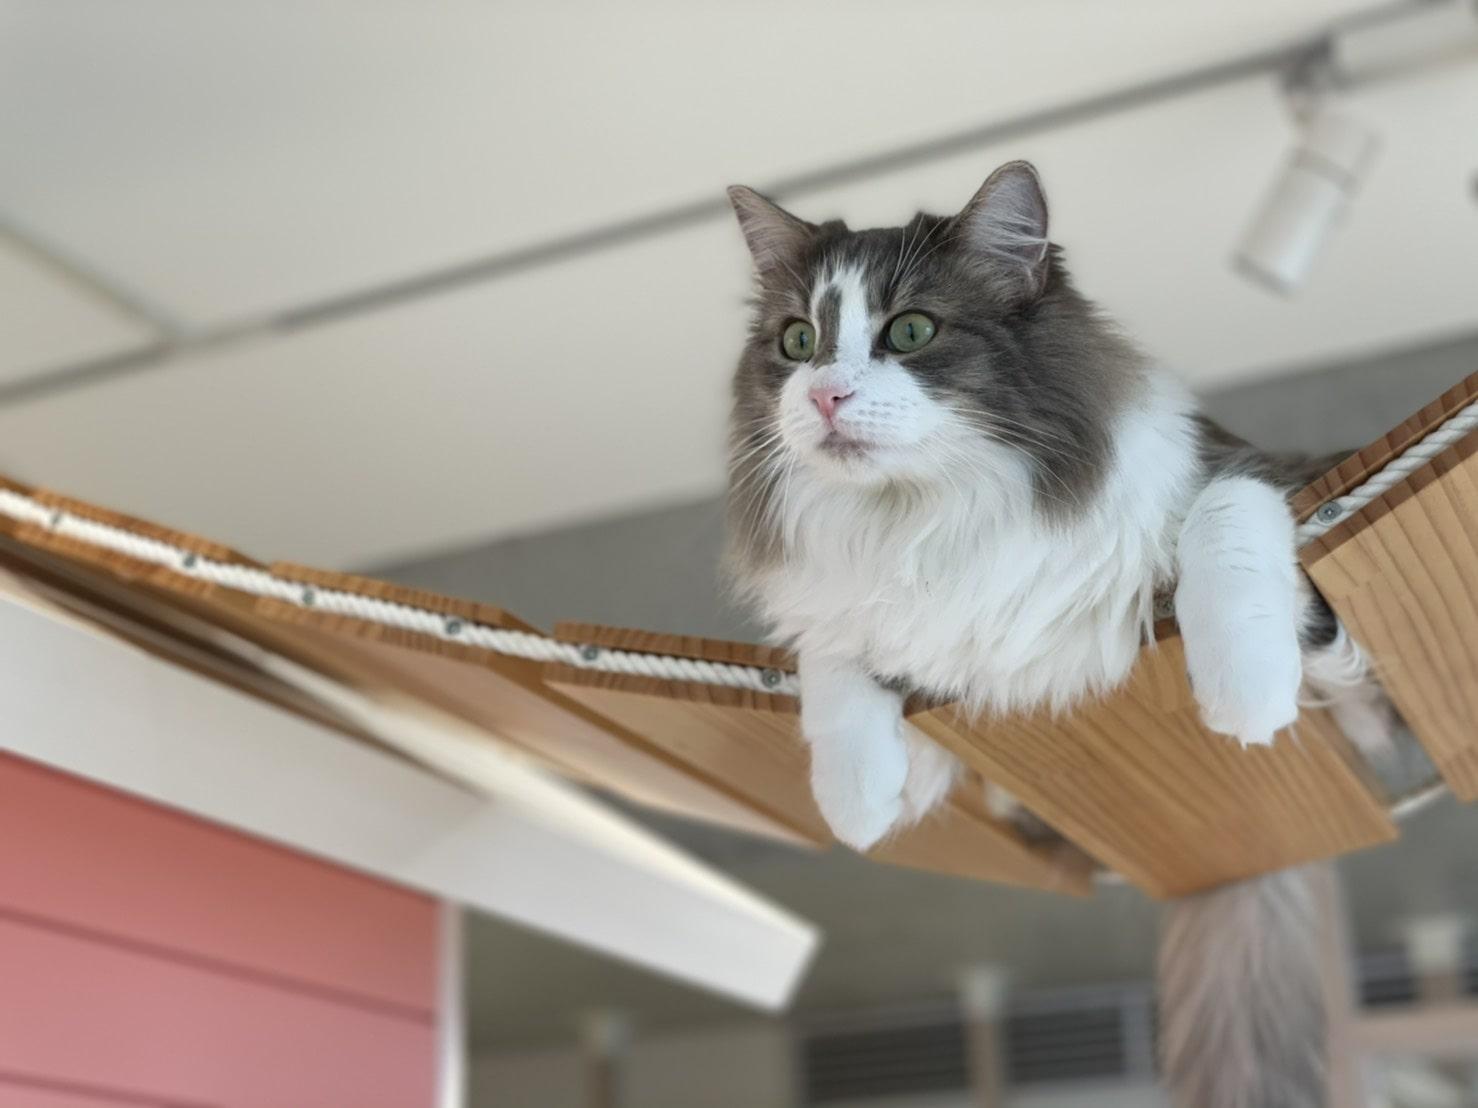 ニャンコの習性を考えたネコ専用の教室でのびのび過ごしています。